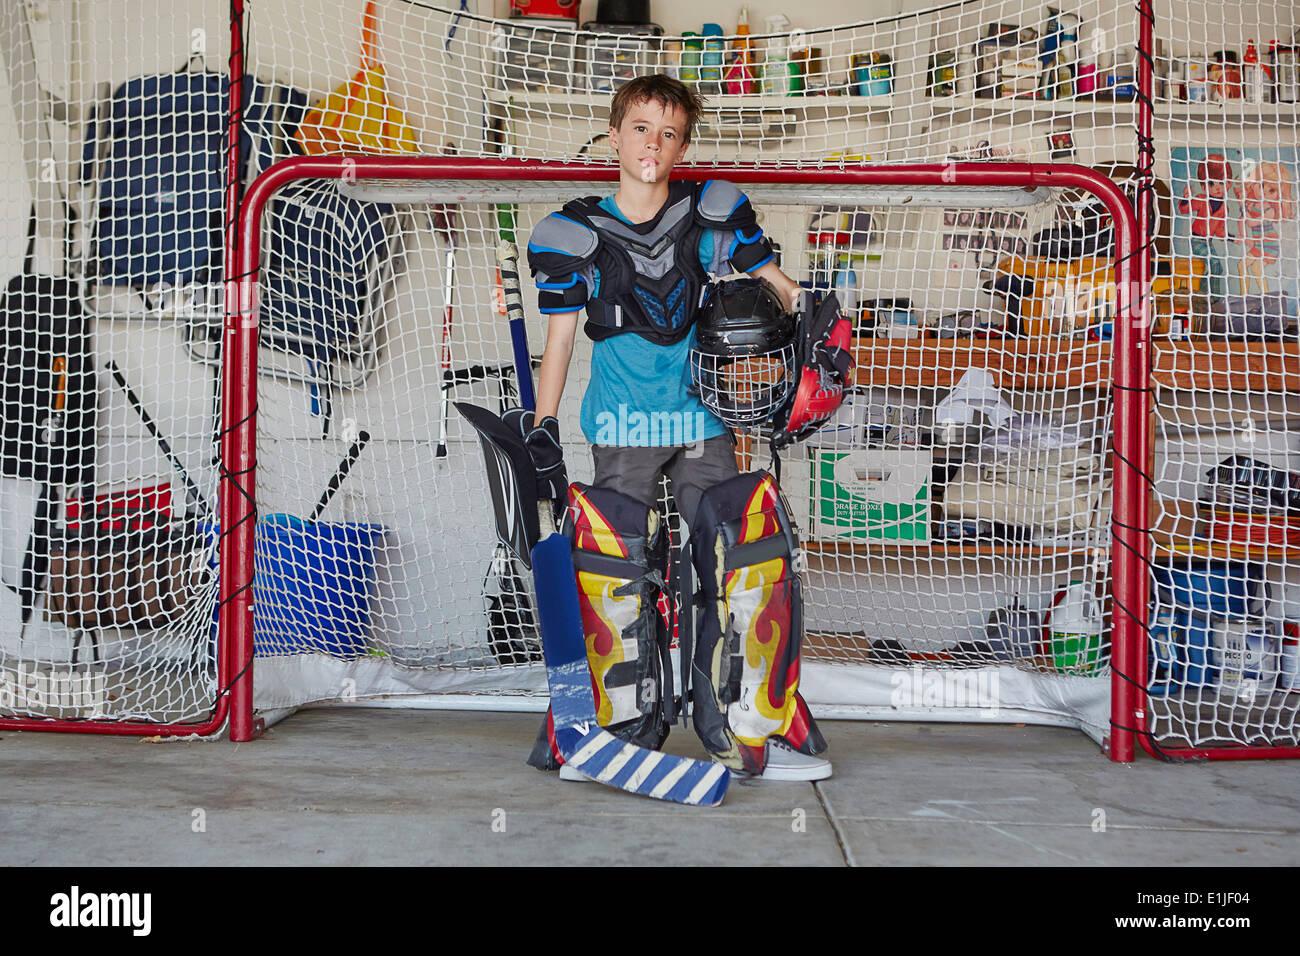 Ragazzo in obiettivo di hockey di indossare abbigliamento protettivo Immagini Stock